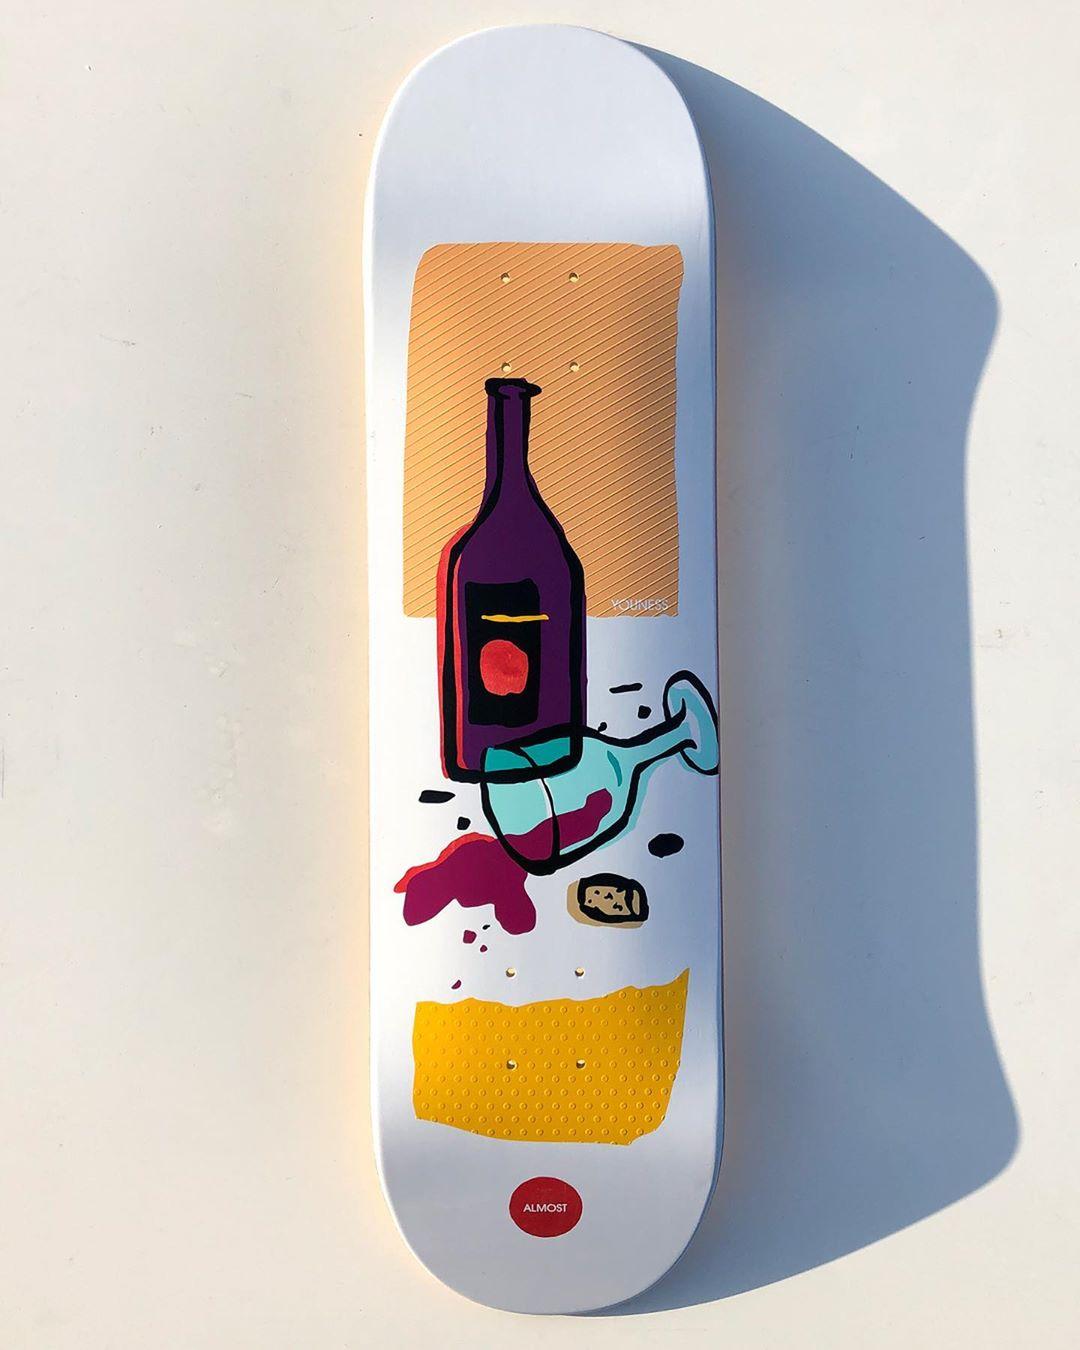 Still Life Series Par Almost Skateboards 4